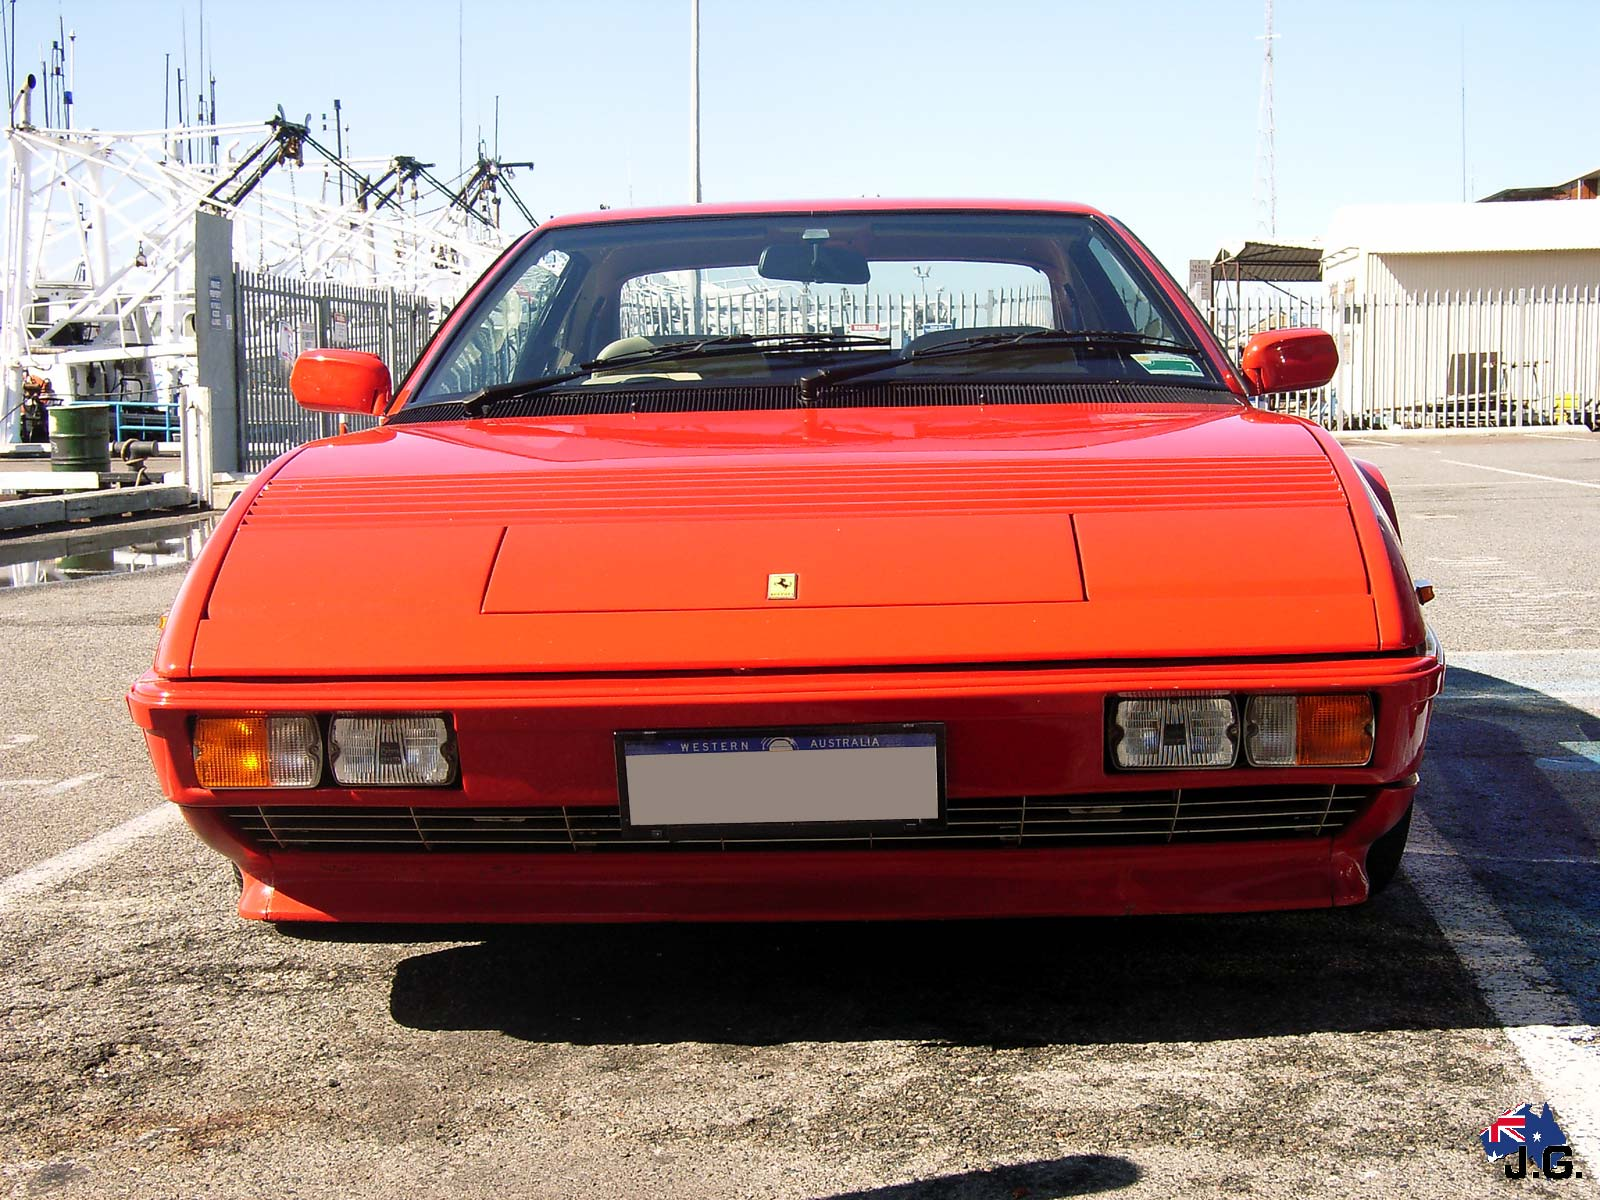 ferrari-mondial-8-(2) Marvelous Ferrari Mondial 8 Te Koop Cars Trend